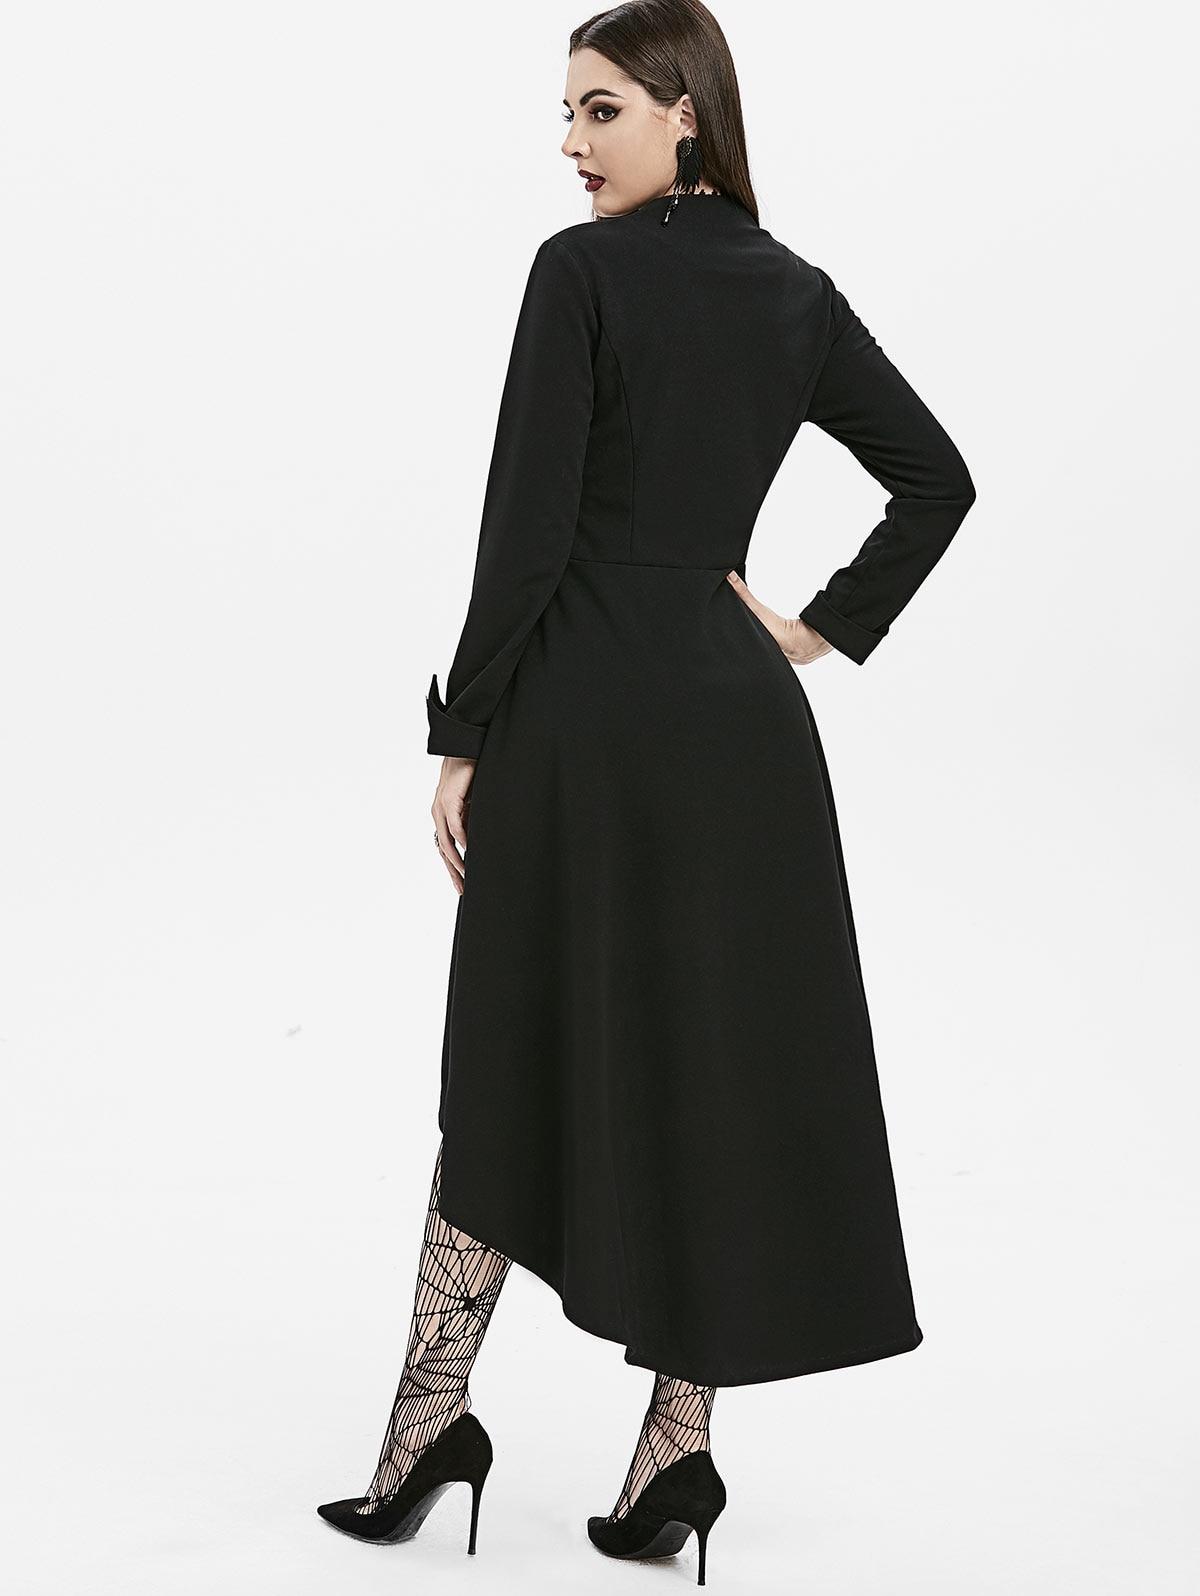 Fseason-Women Long Sleeve High Low Hem Trench Long Outwear Coat Jacket